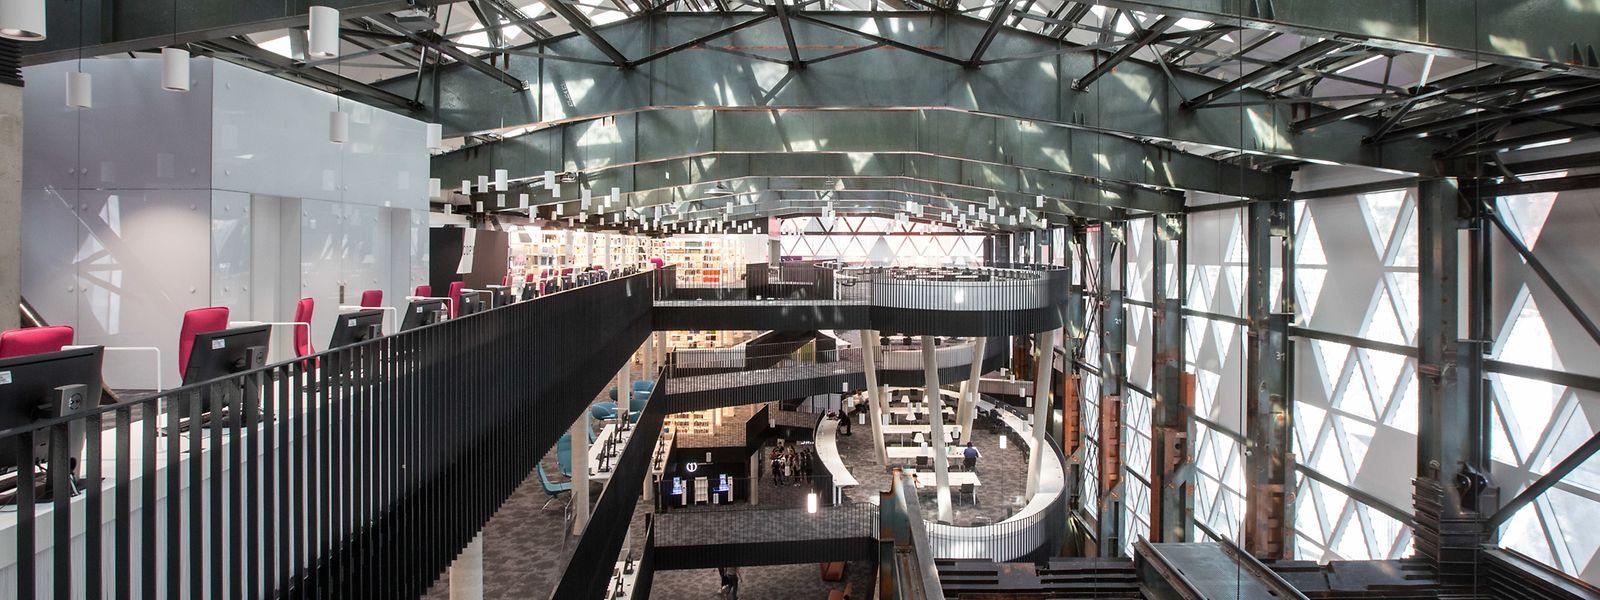 Die Stahlstruktur der ehemaligen Möllerei wurde in die neue Bibliothek integriert.